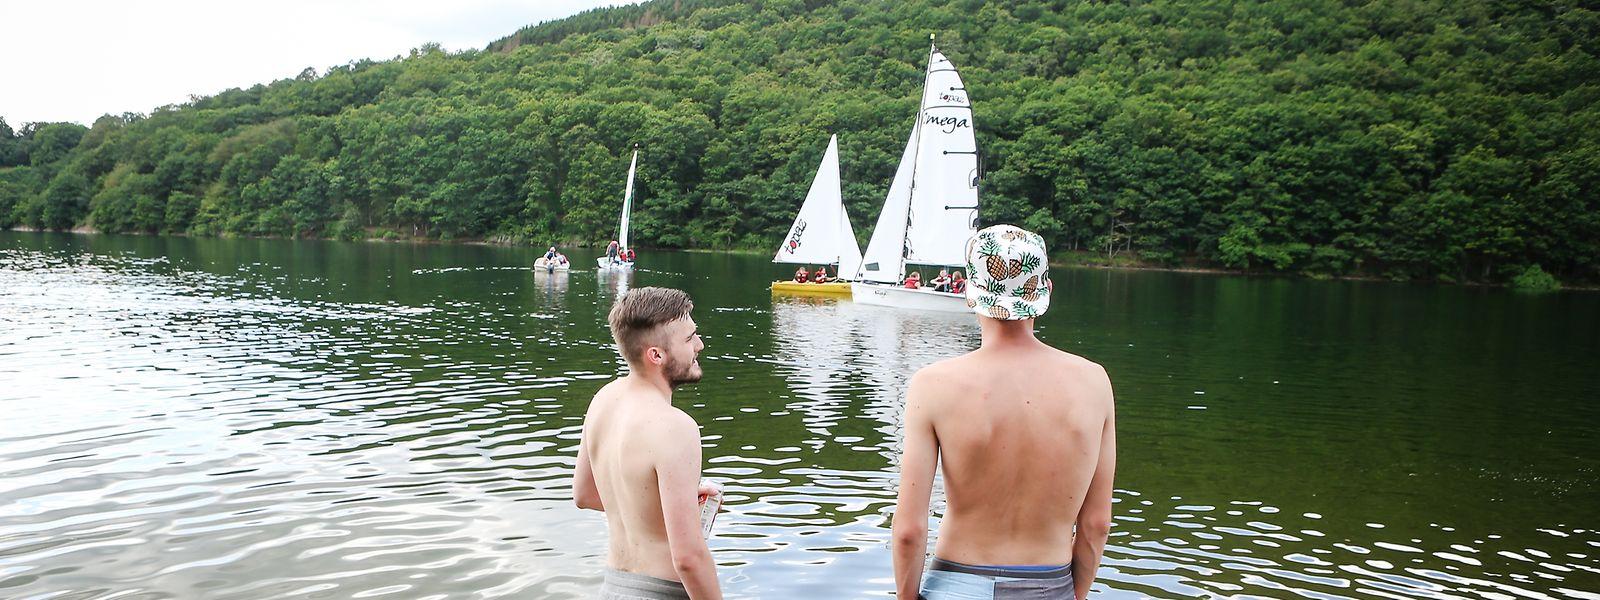 Wenn Schwimmer am Obersauer-Stau einfache Verhaltensregeln beachten, nimmt der Tag am See auch sicher kein böses Ende.